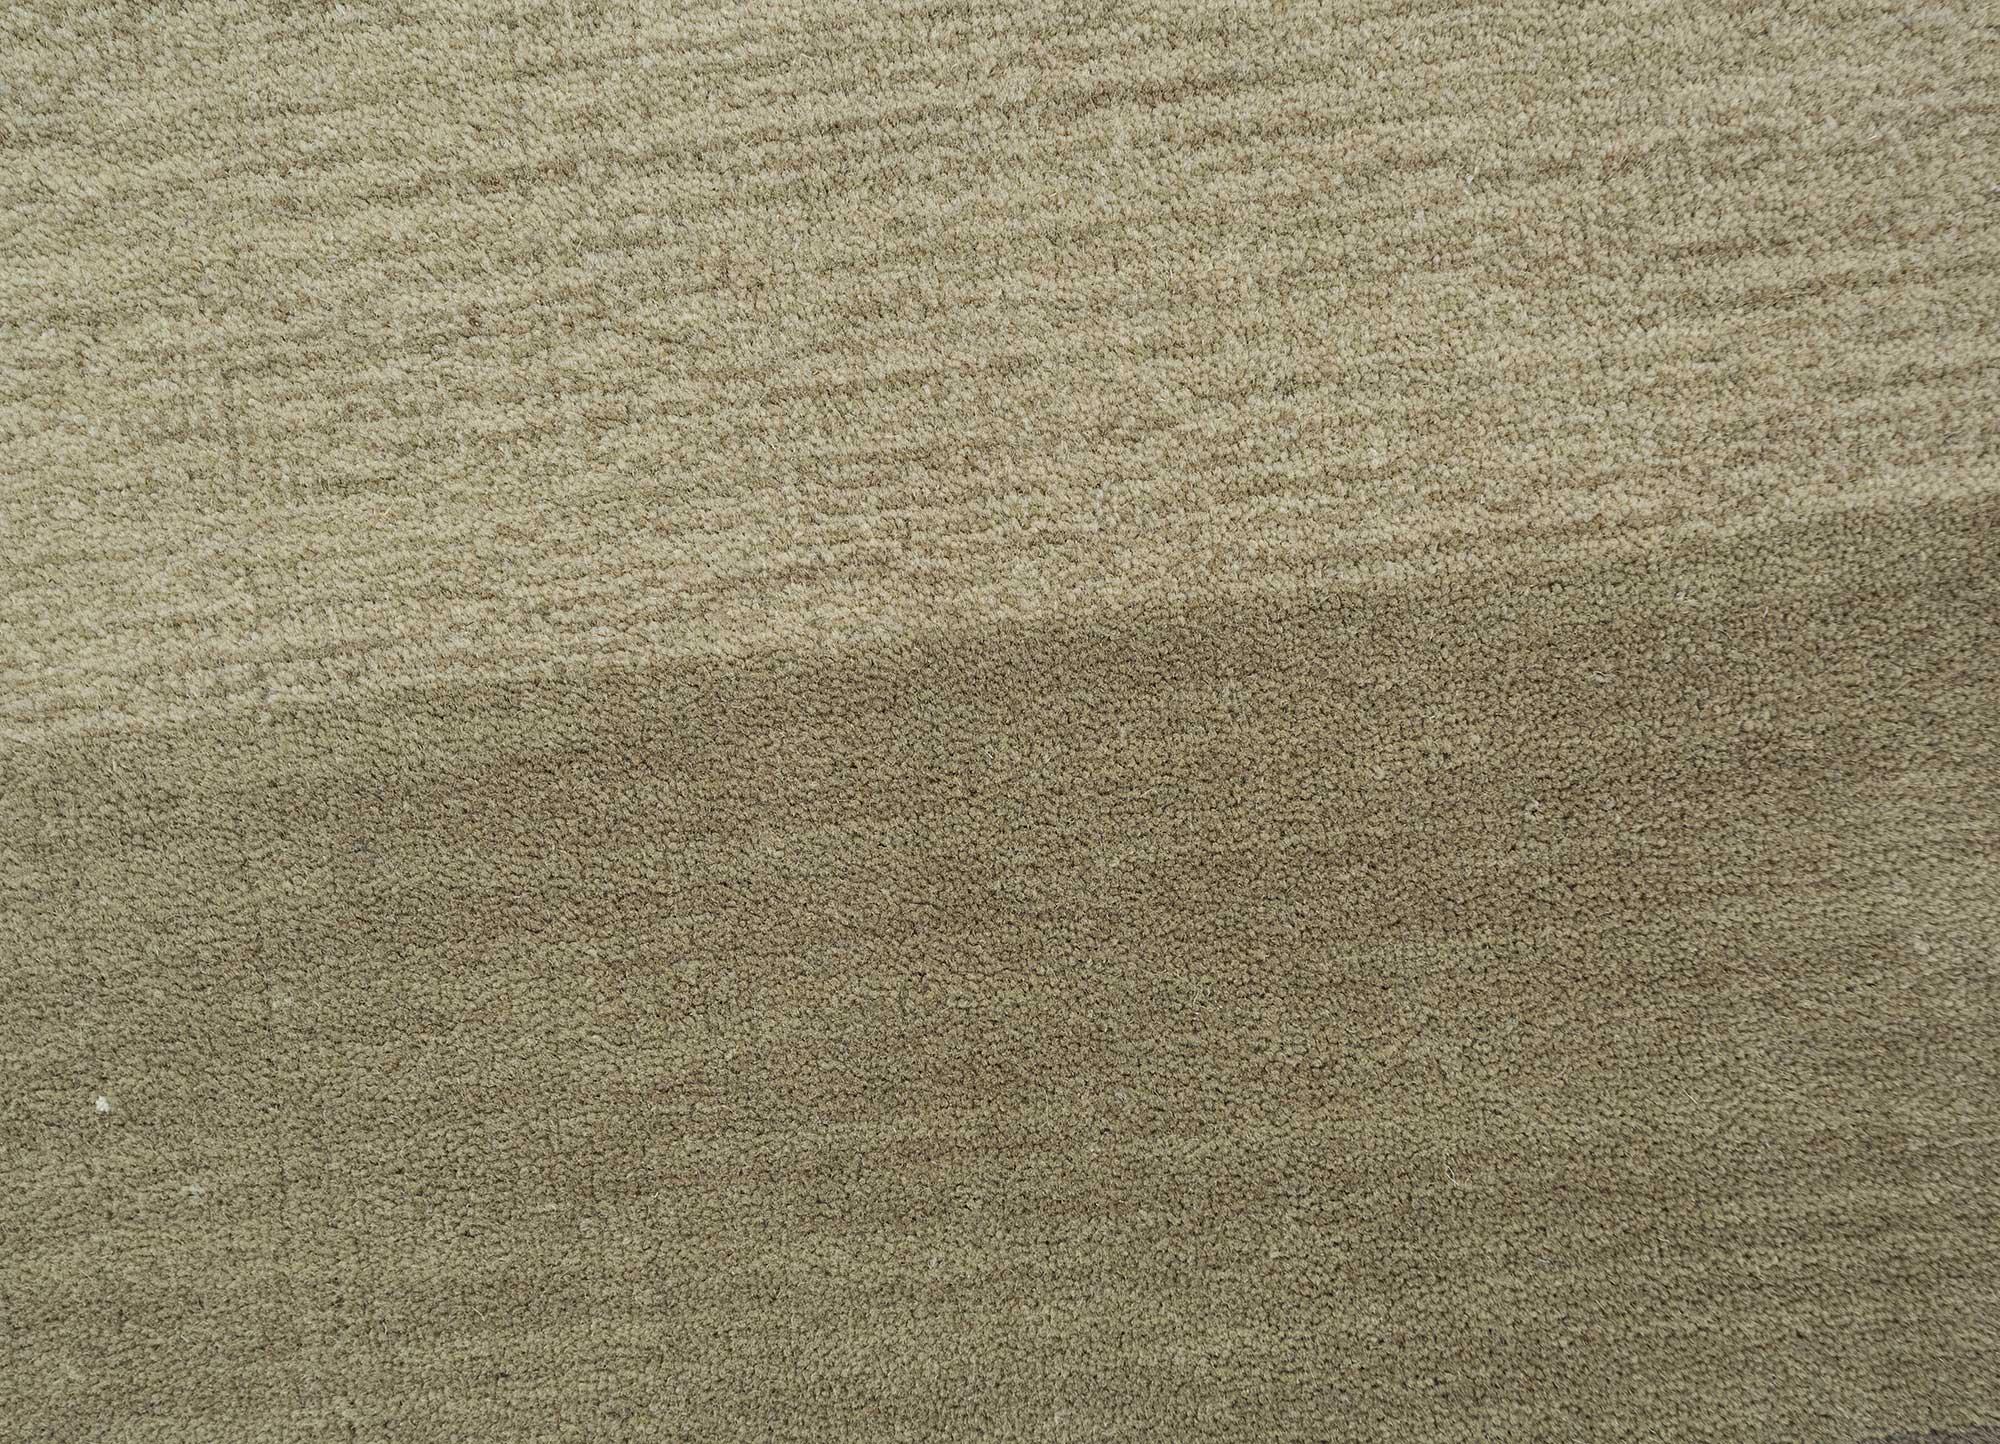 tesoro grey and black wool hand loom Rug - CloseUp